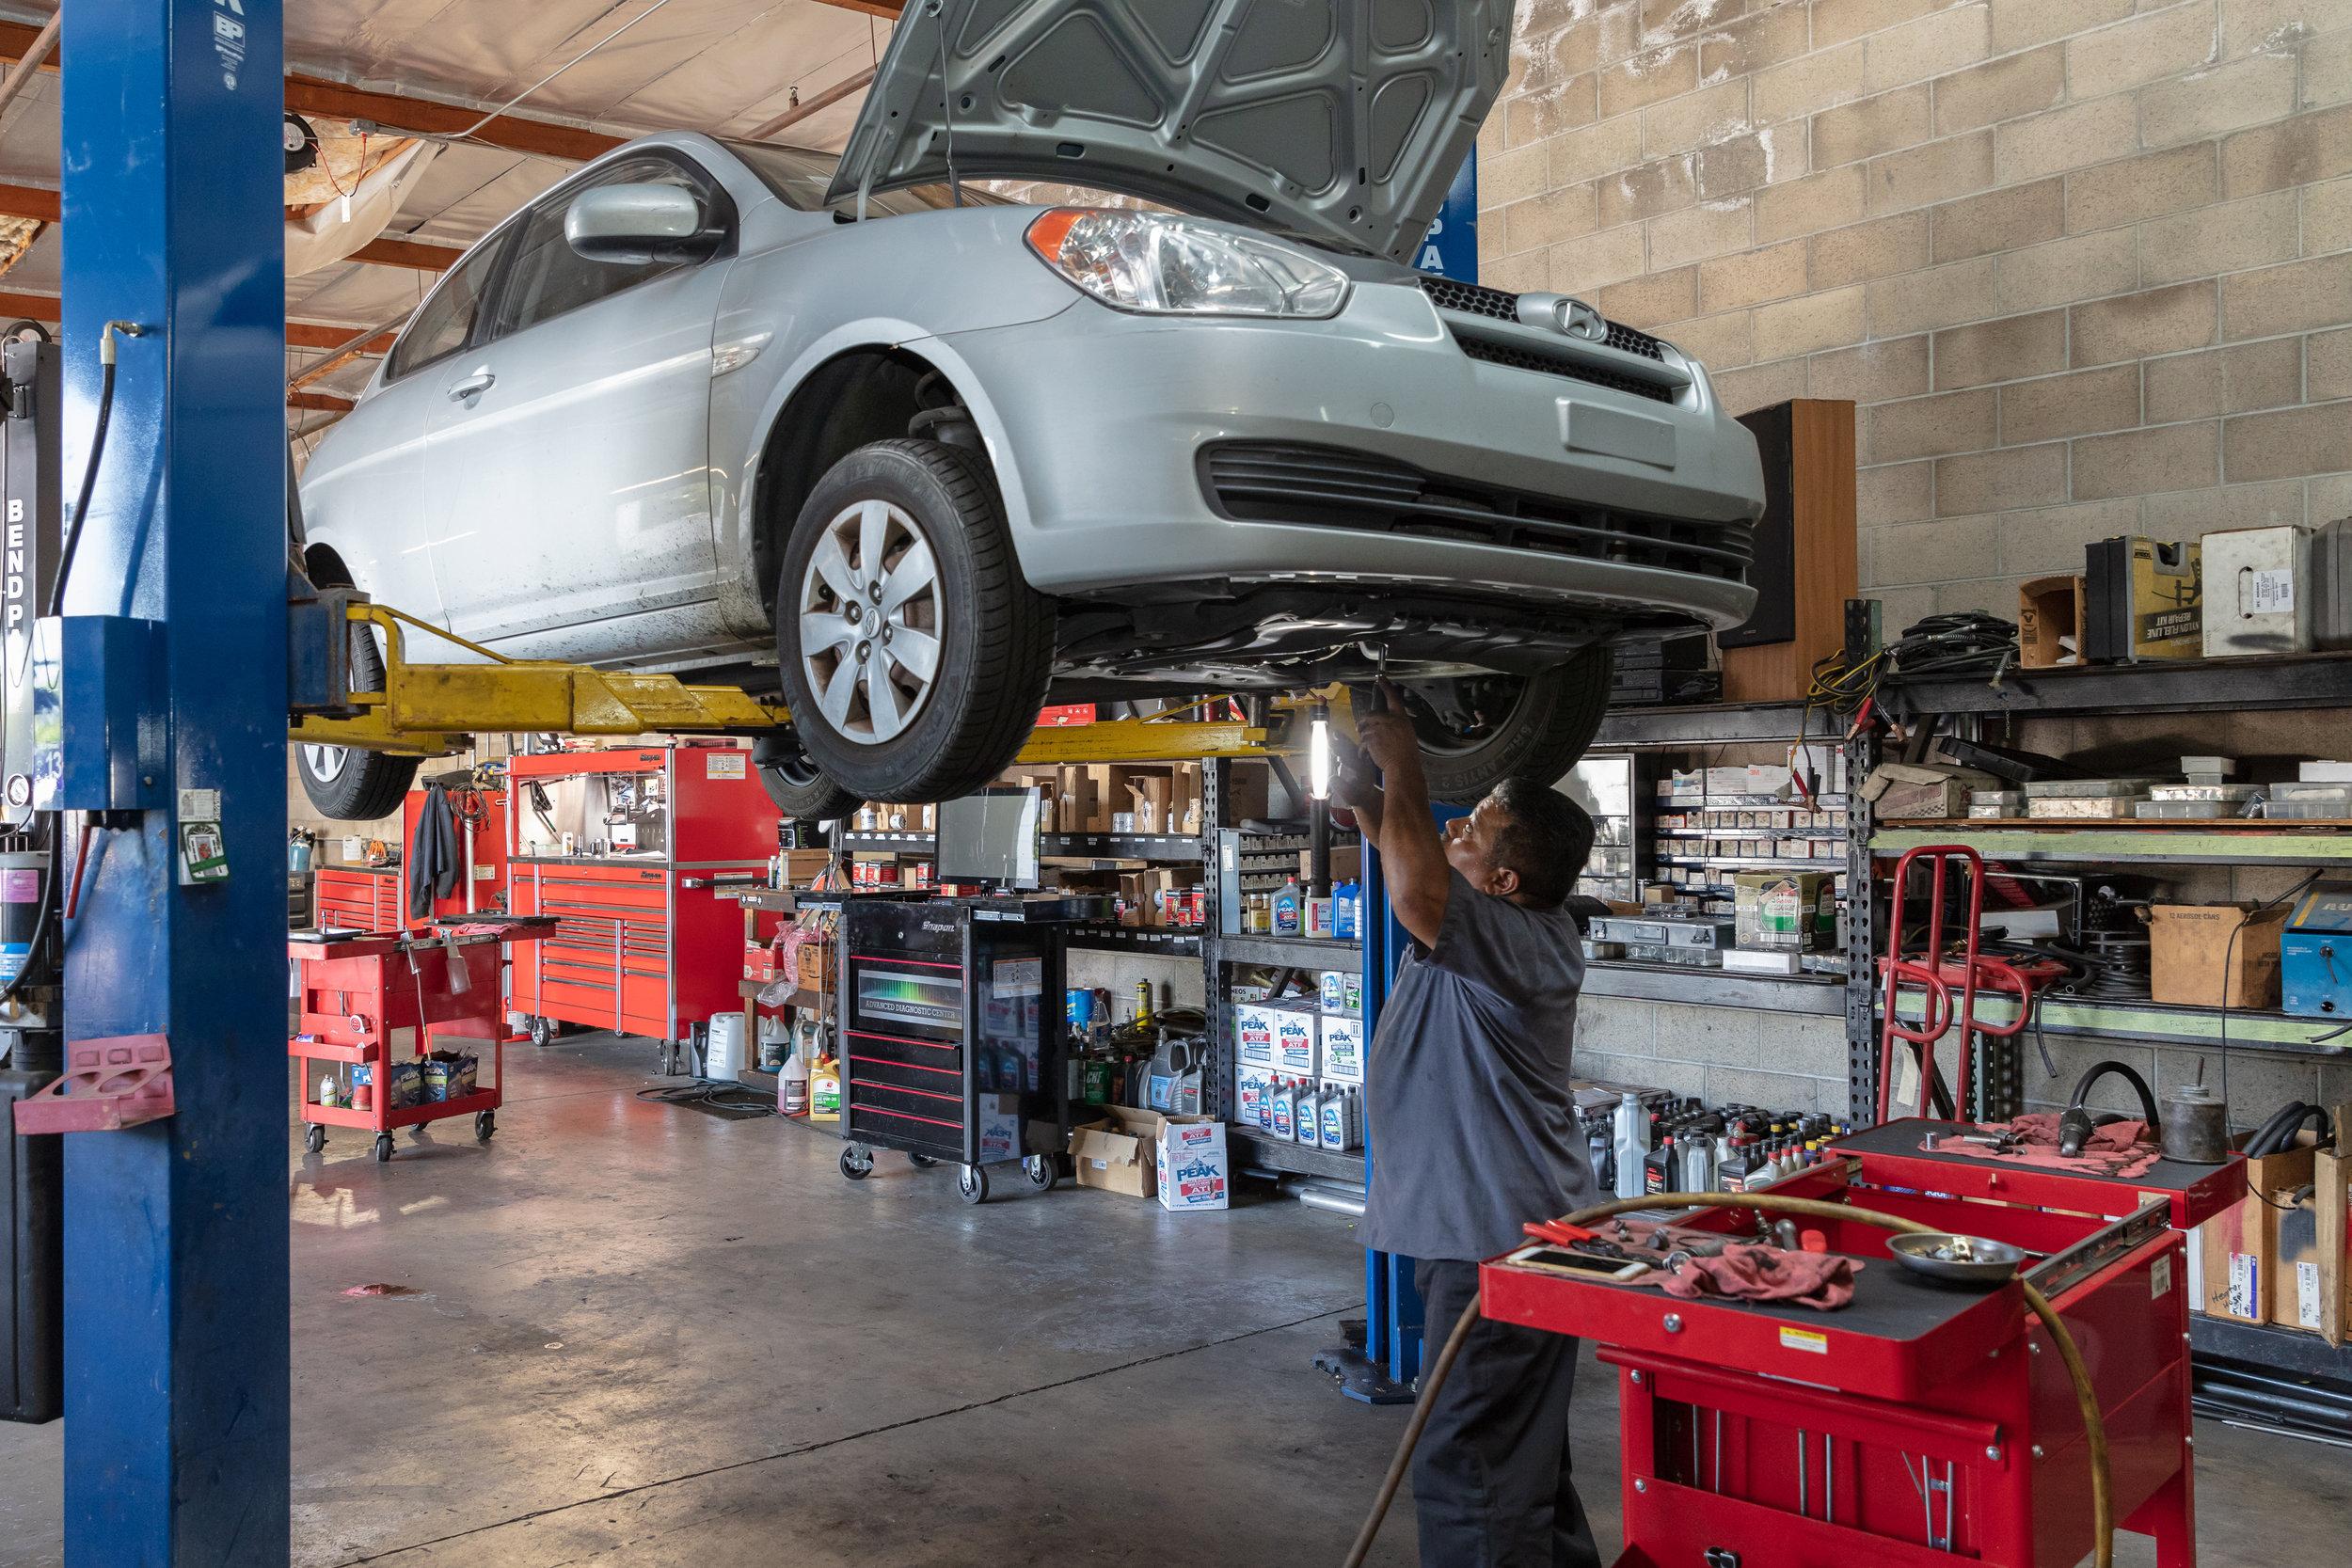 SMOG-Diagnostic-Specialists-Auto-Repair-And-Maintenance-Northgate-Blvd-Sacramento-CA-0020.jpg